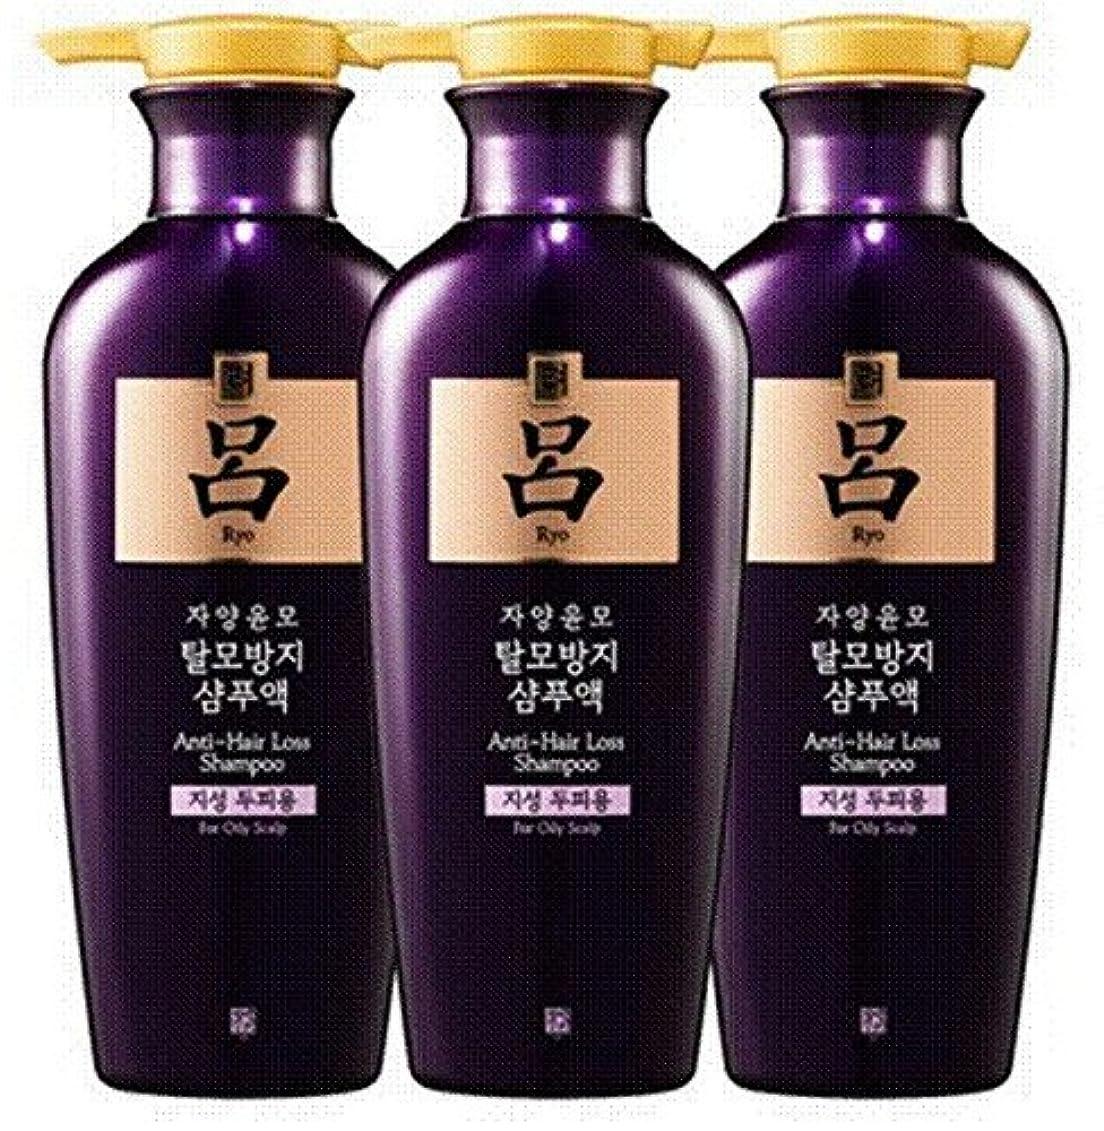 できれば群がる販売員の脱毛防止シャンプー(アモーレパシフィック)呂 う者ヤンユンモ脱毛防止シャンプー脂性頭皮用RYO Anti Hair Loss Shampoo400ml X3(海外直送品)[並行輸入品]